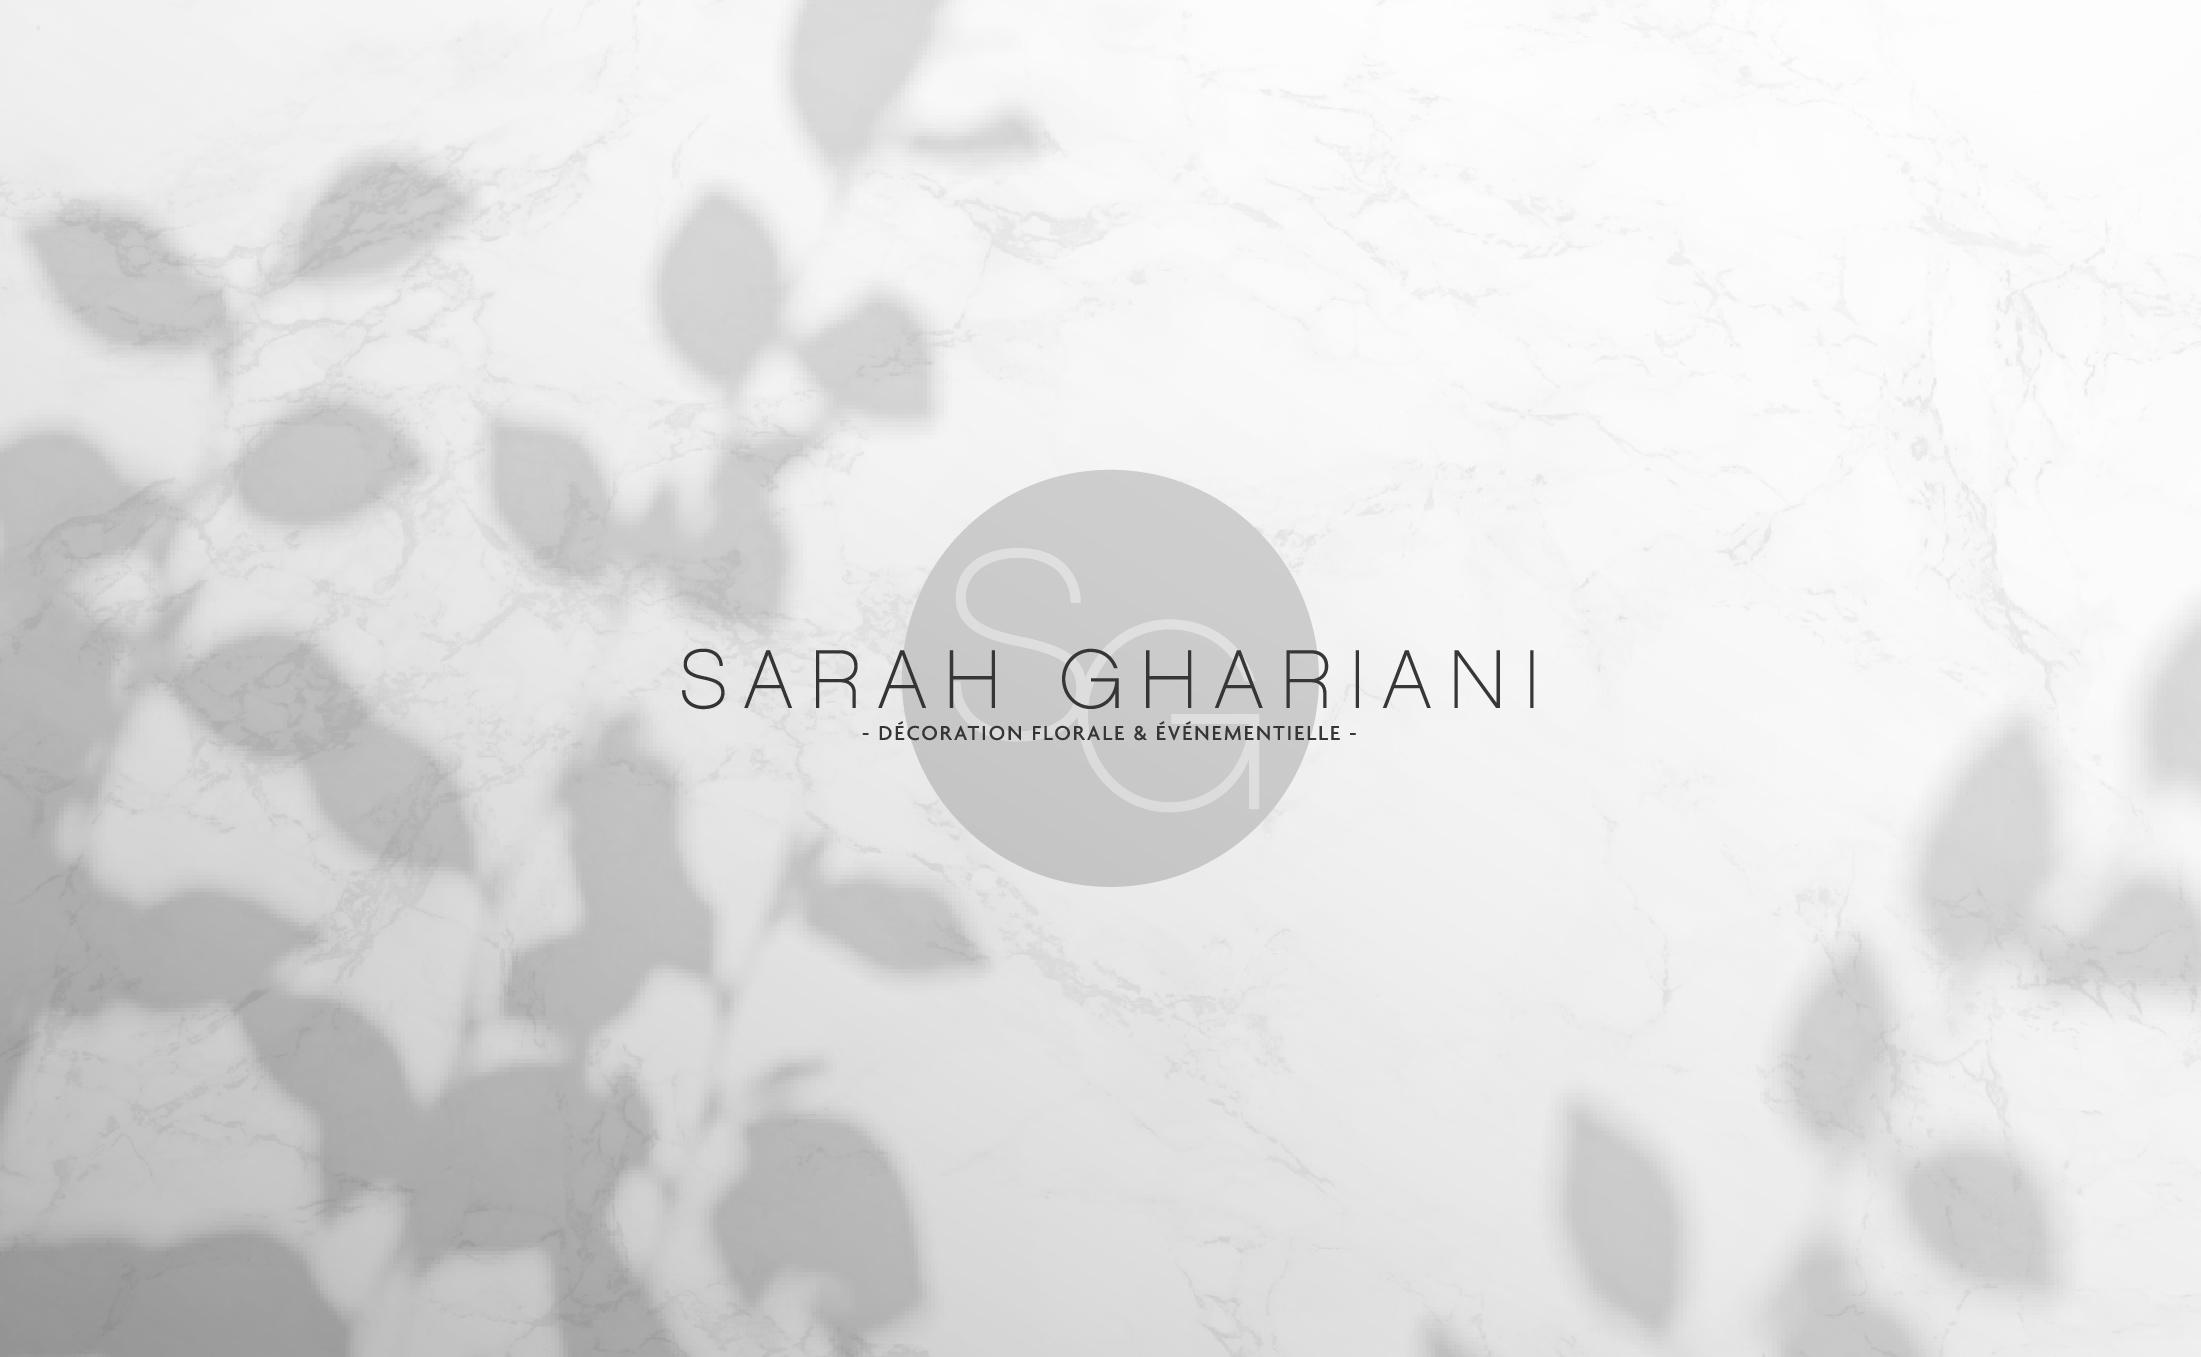 Sarah Ghariani